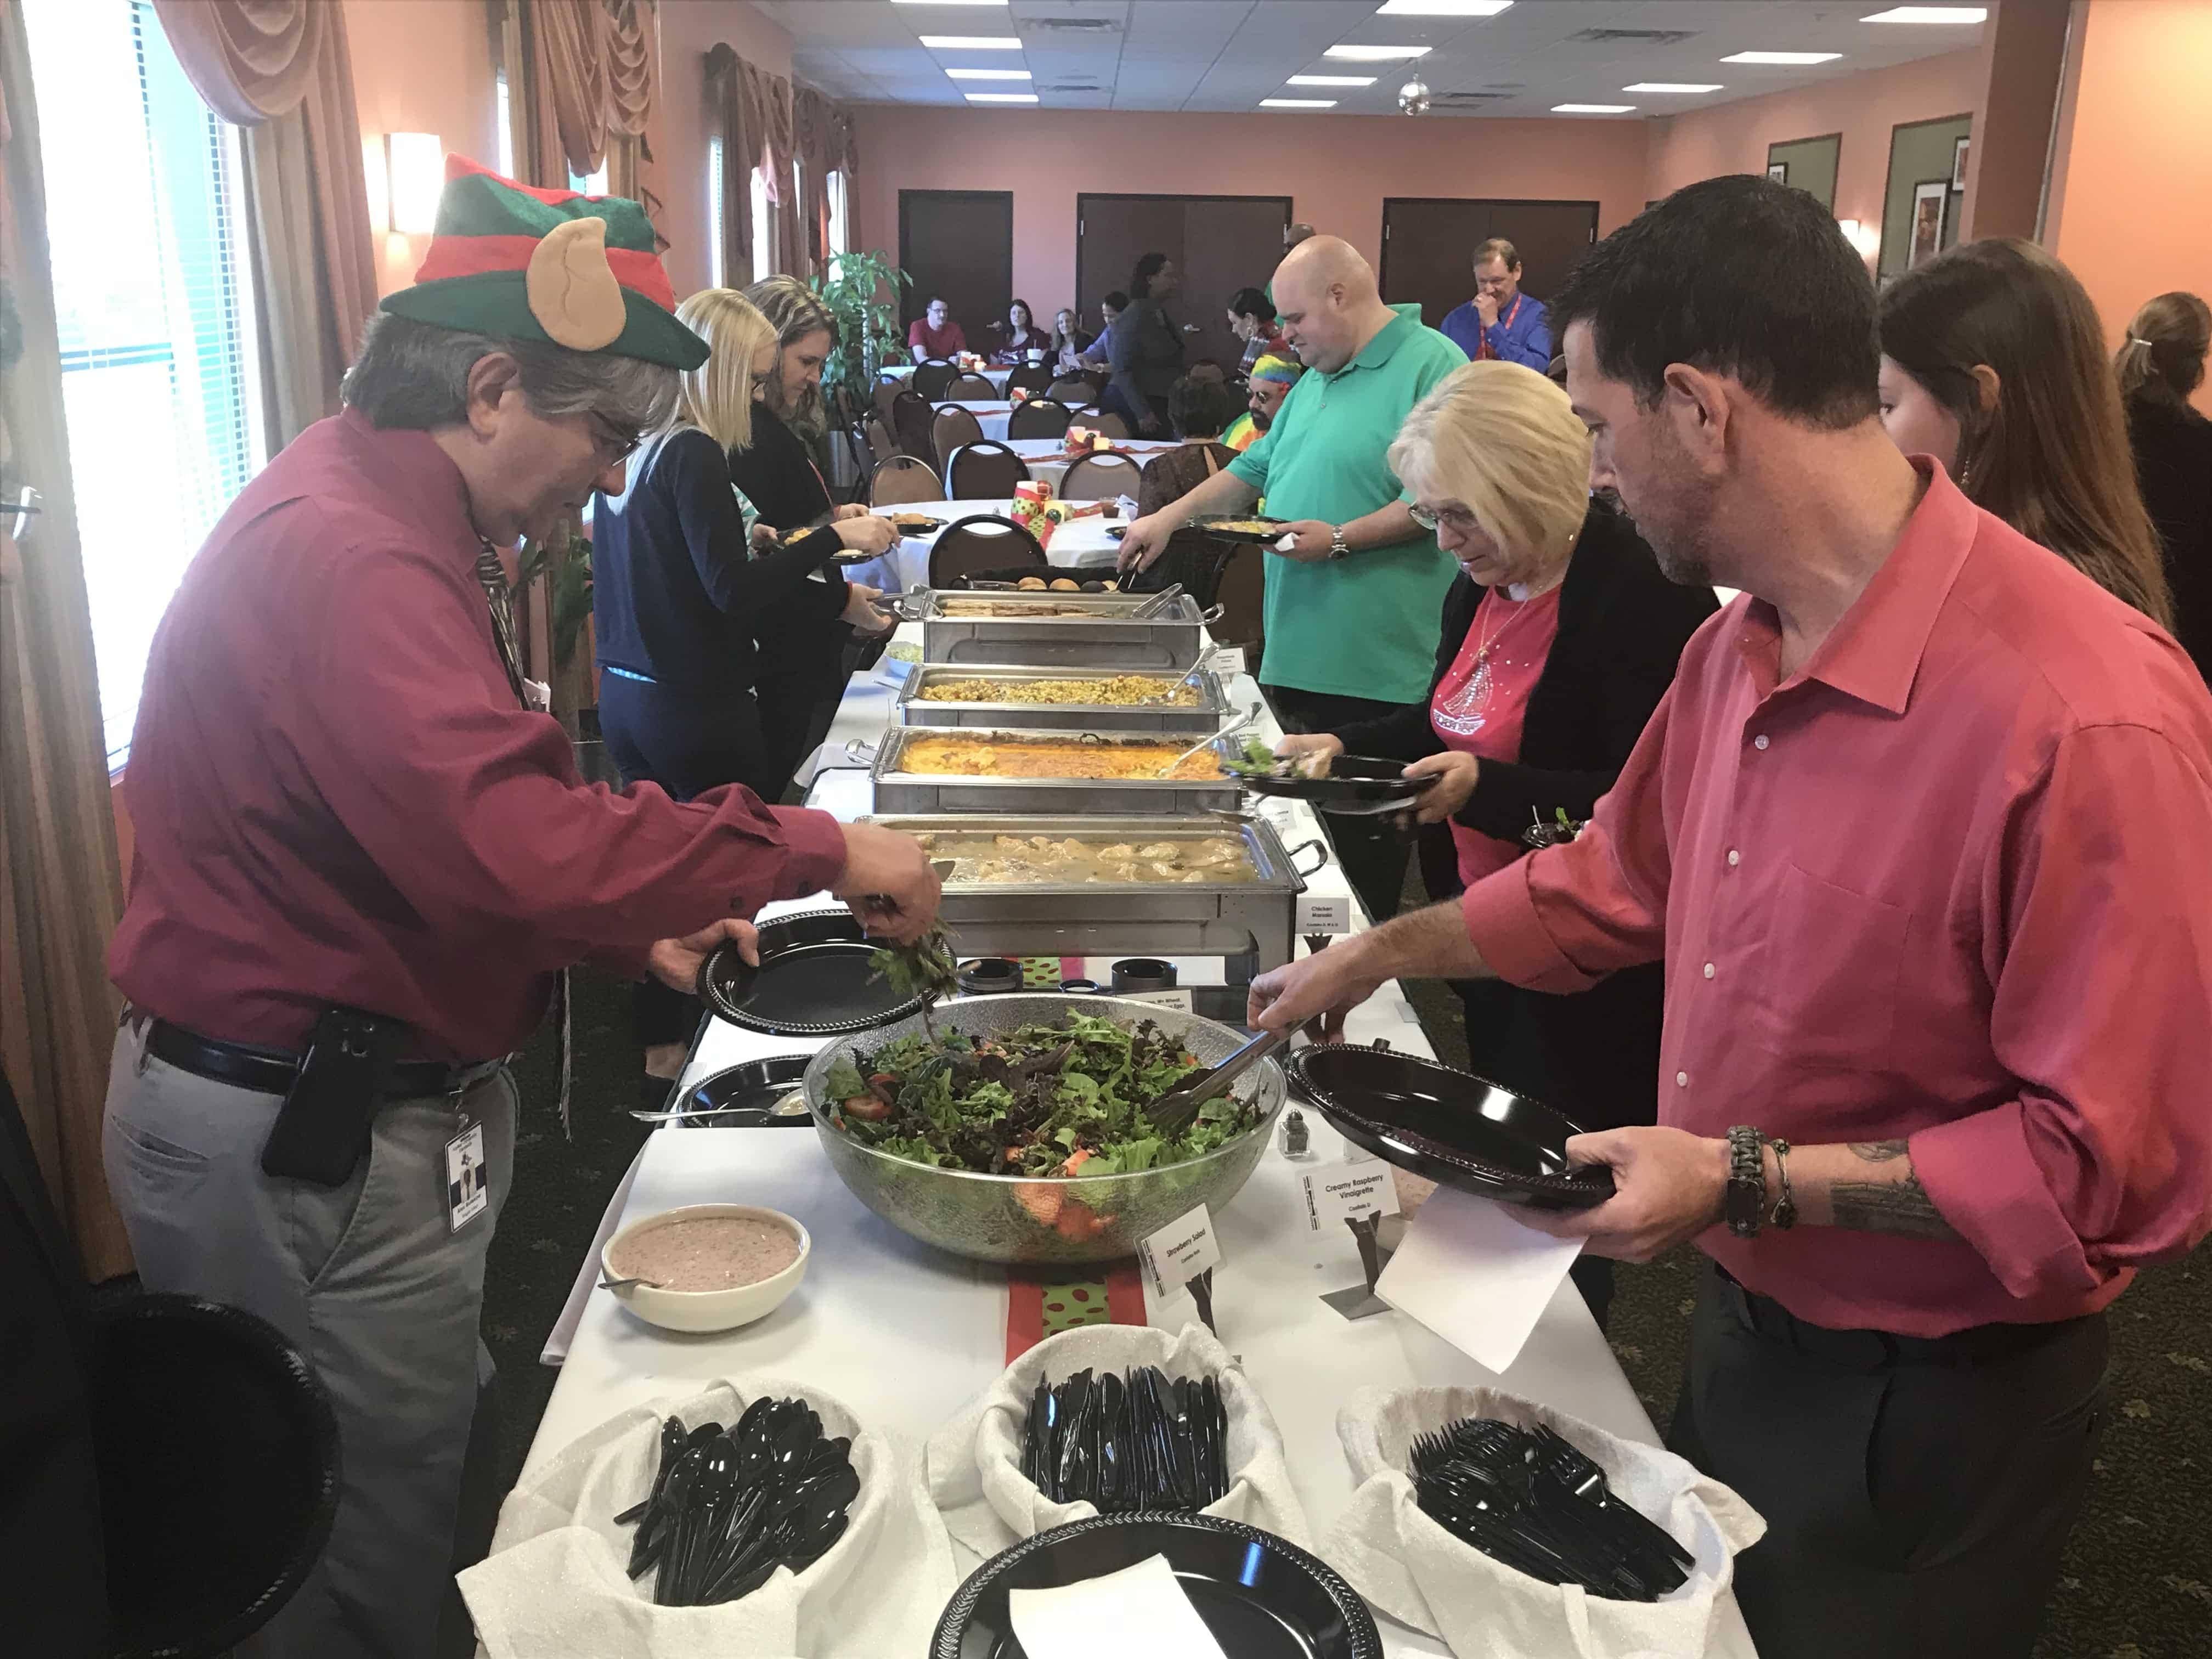 Sarasota Holds a Holiday Celebration